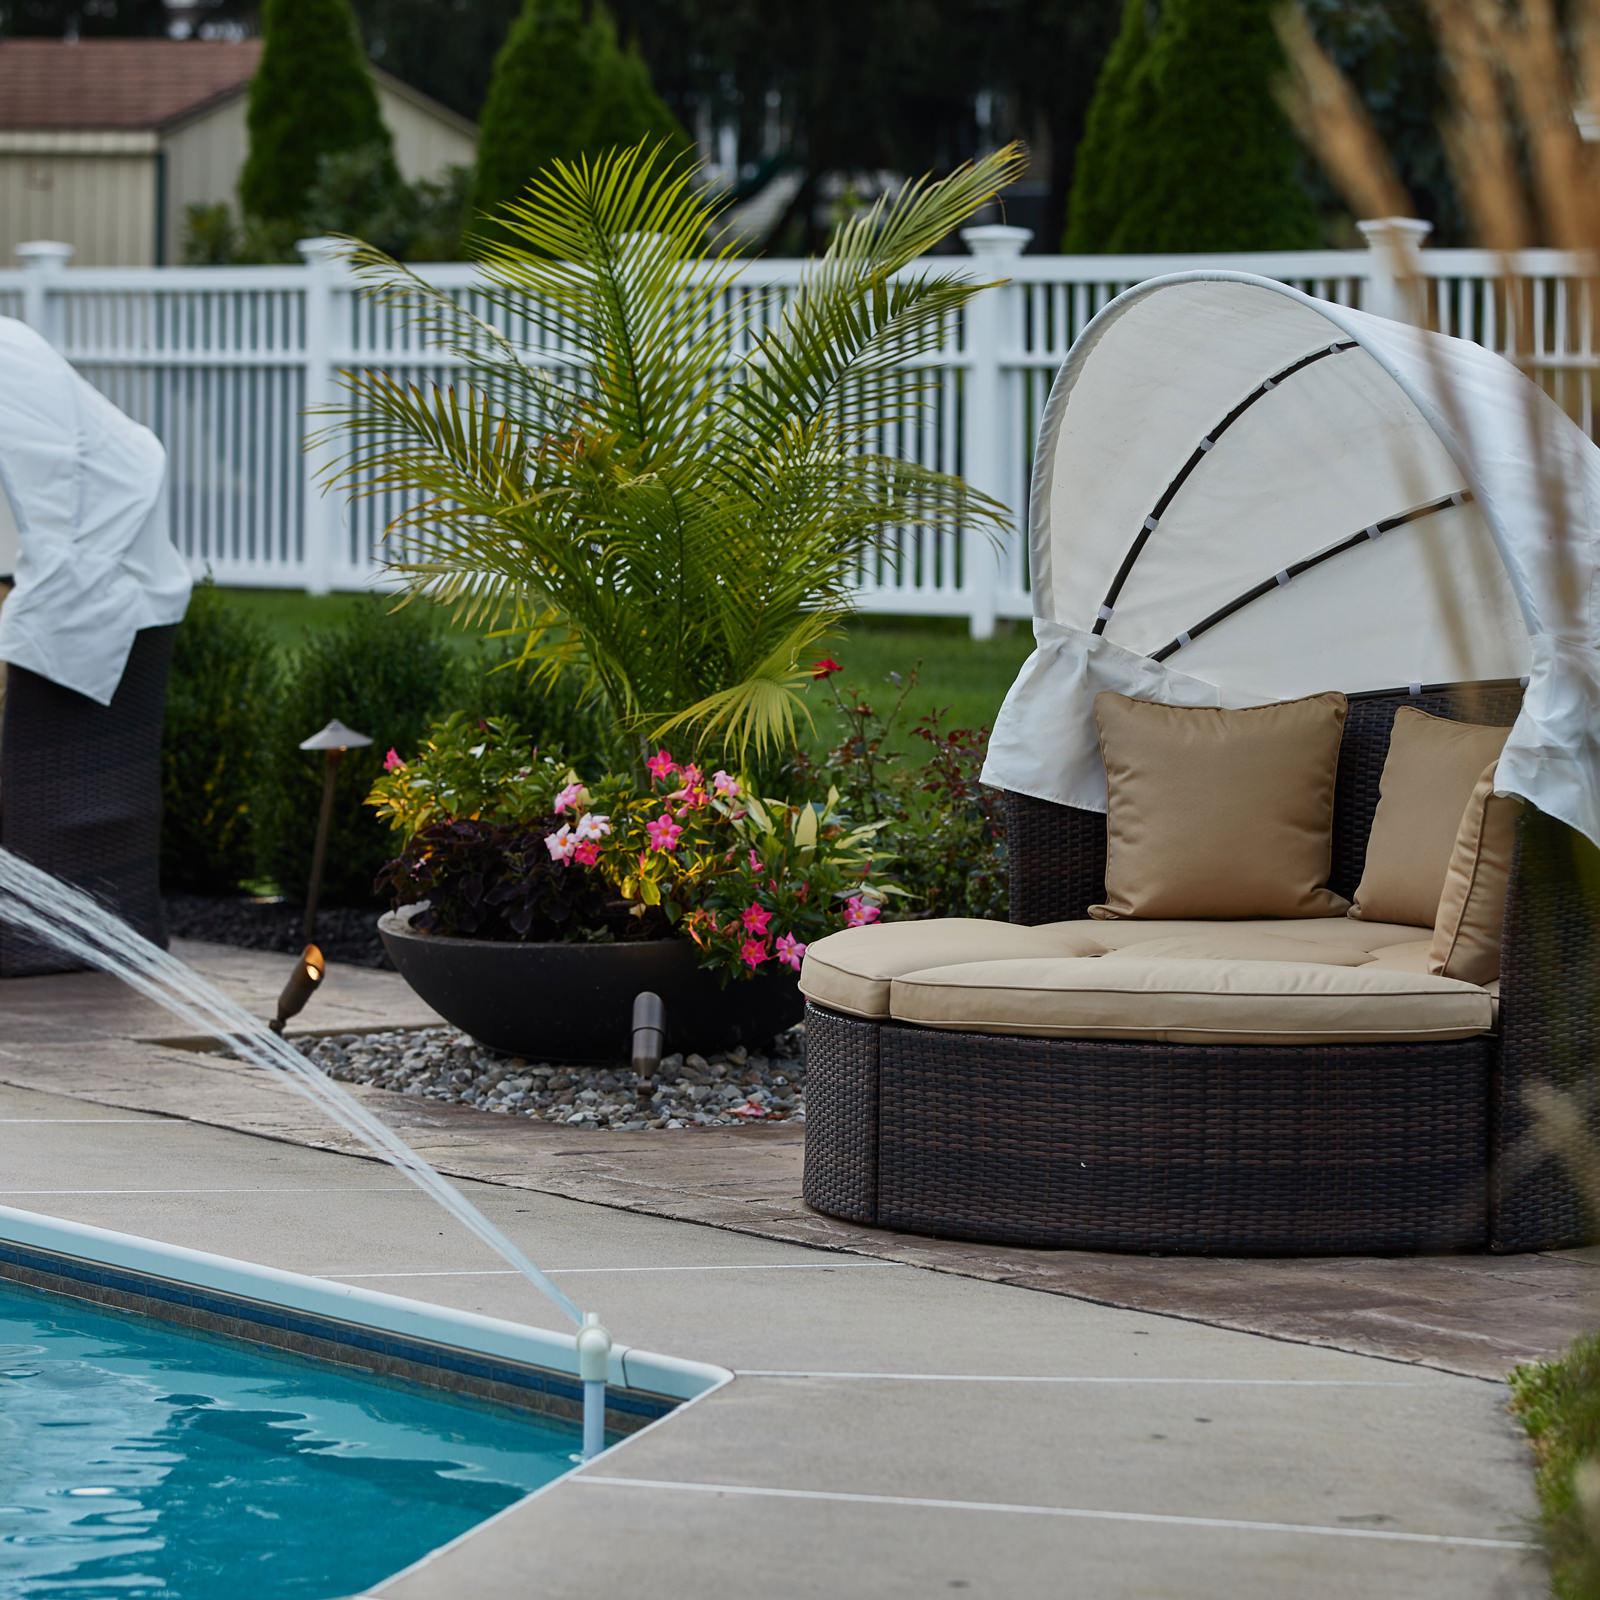 Landscape Design Services | MasterPLAN Outdoor Living ... on Masterplan Outdoor Living id=68118